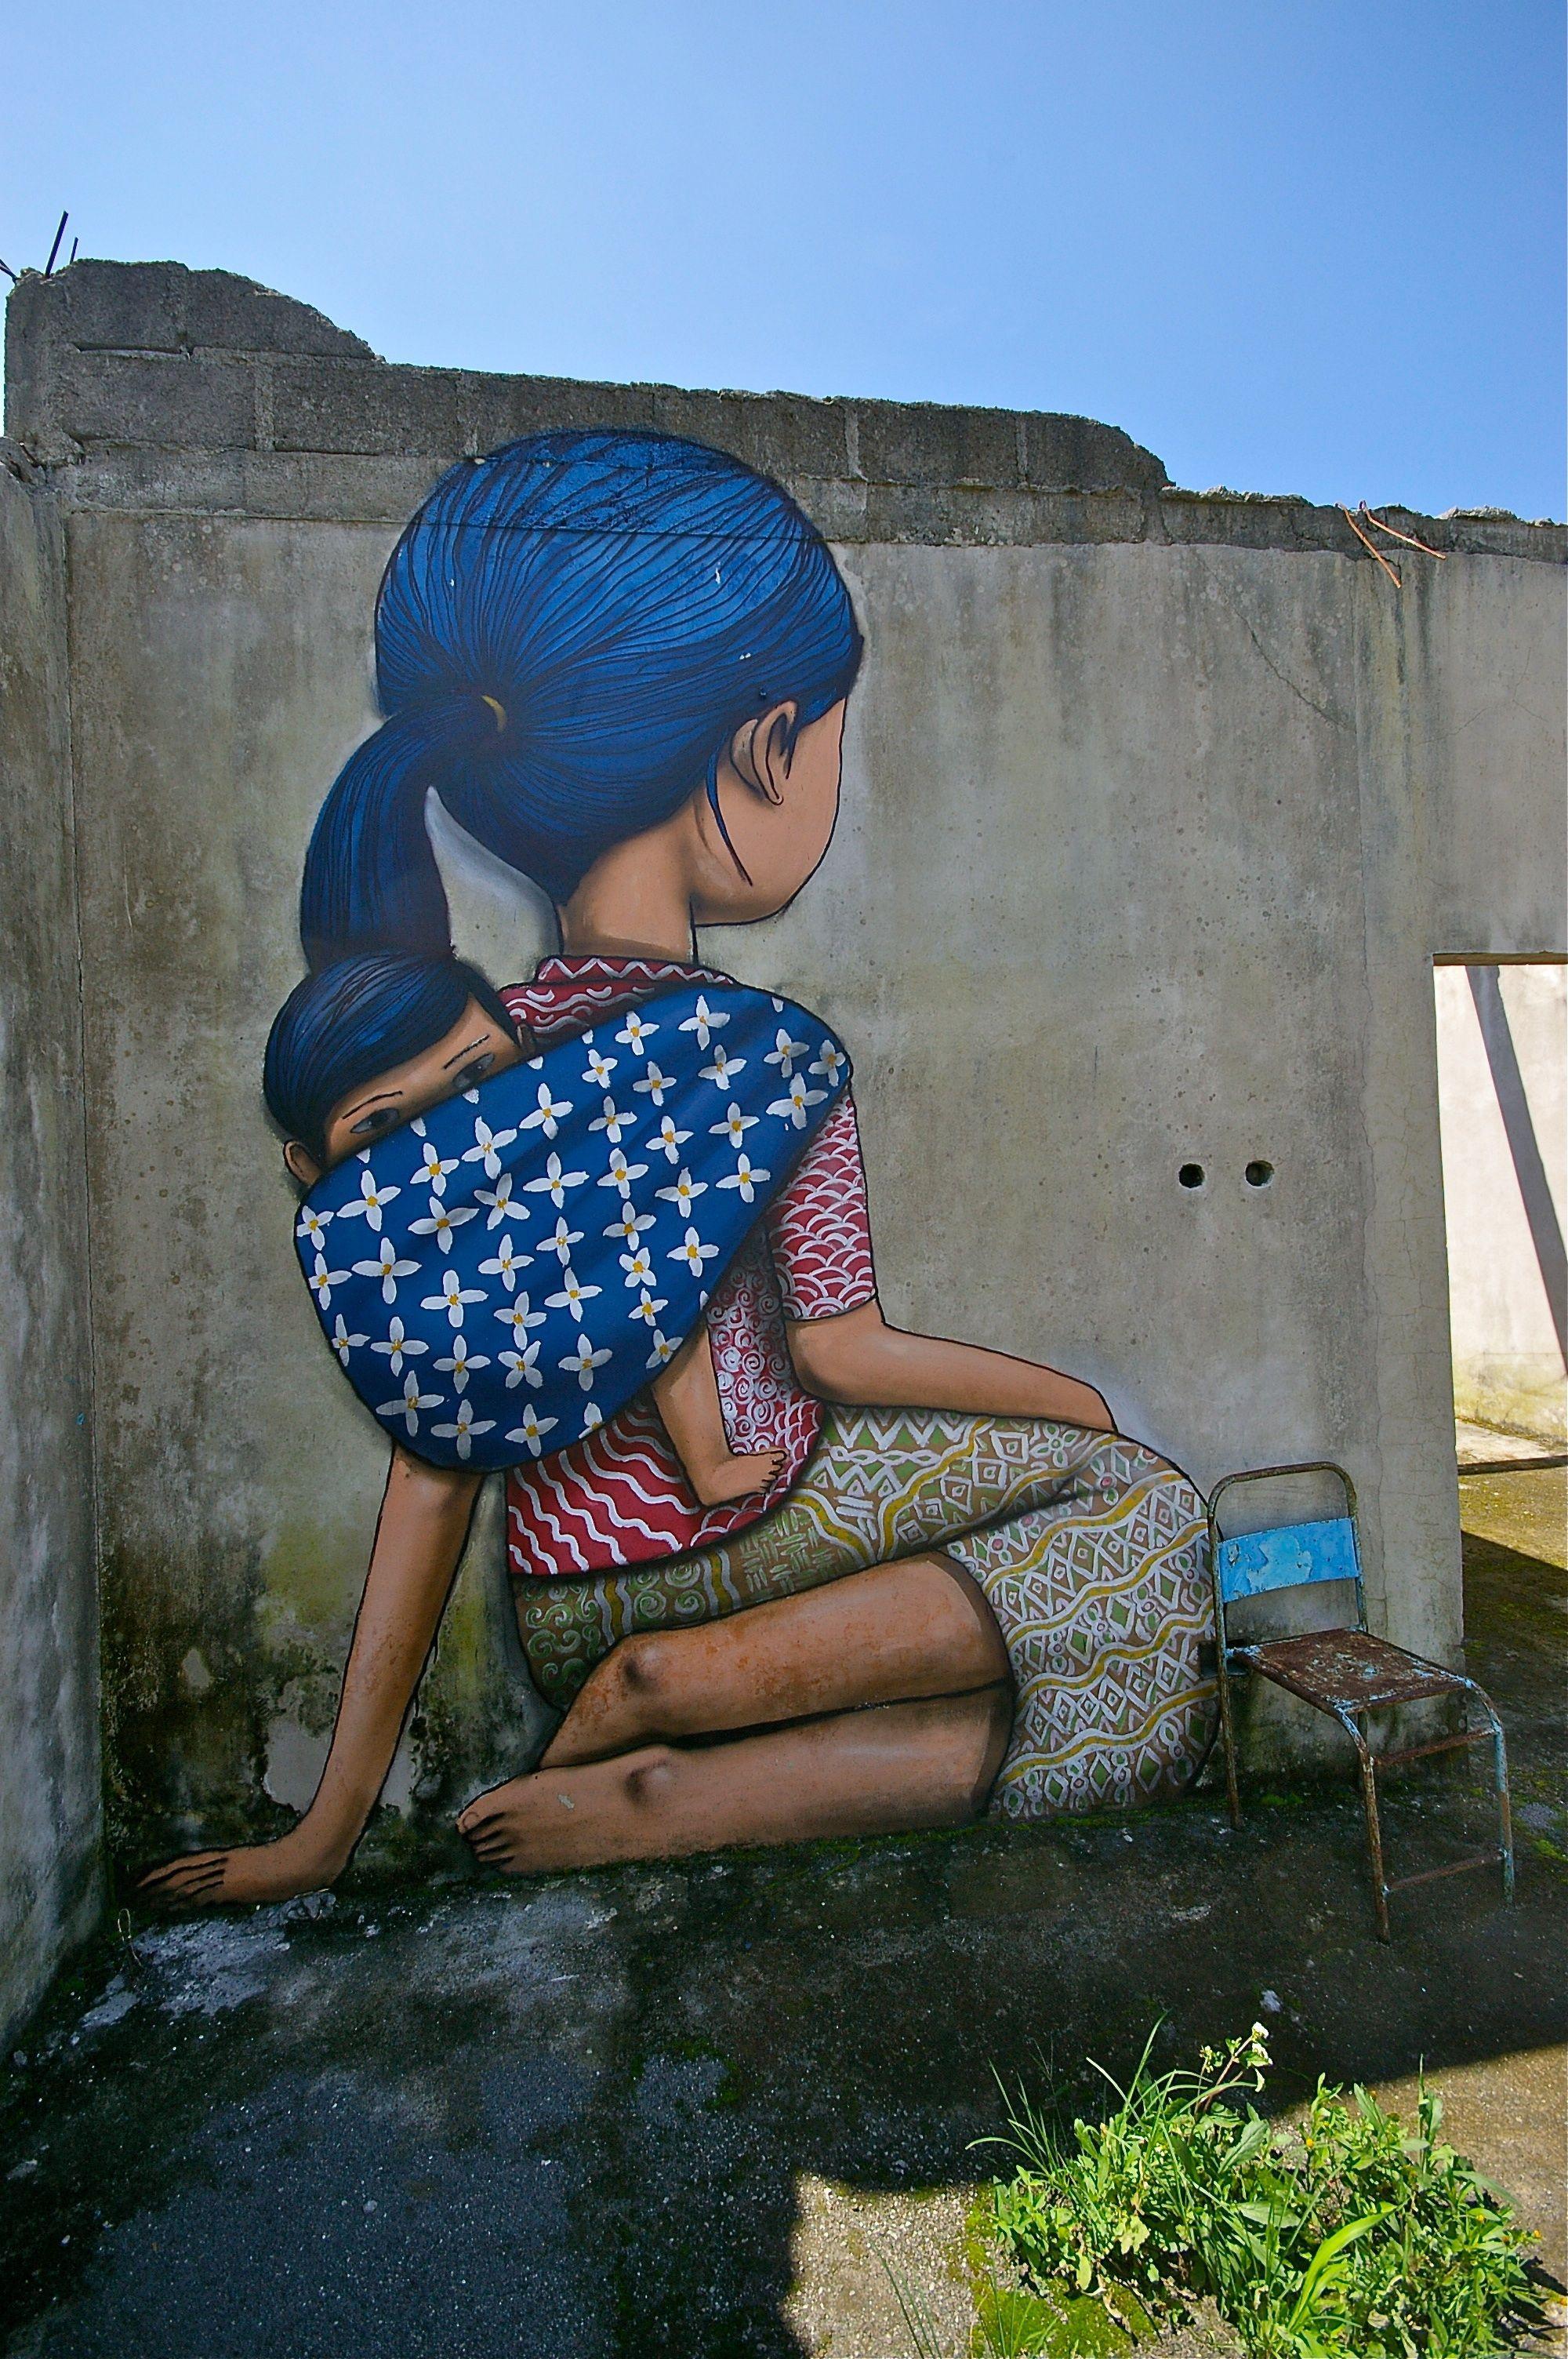 Street Art in Yogyakarta, Indonesia